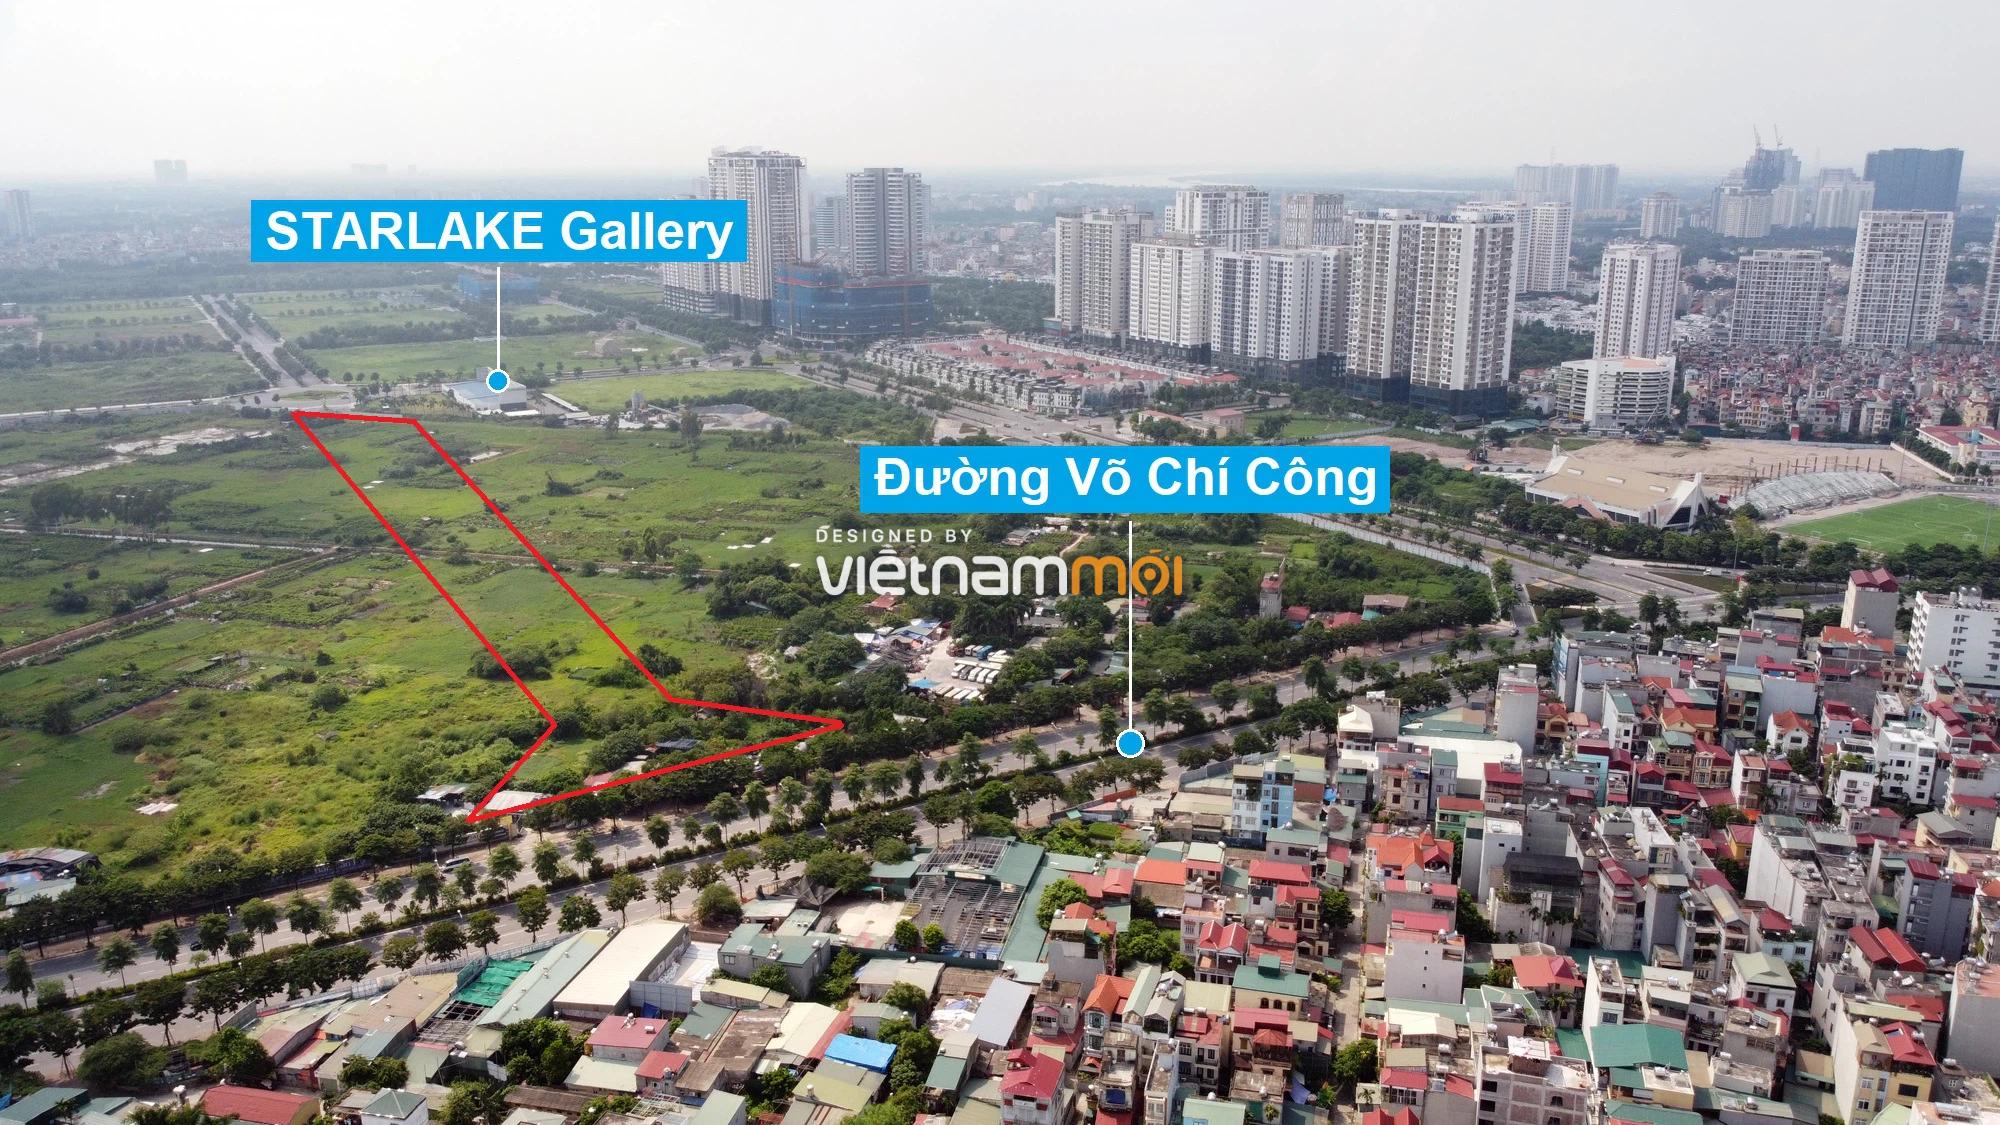 Những khu đất sắp thu hồi để mở đường ở quận Tây Hồ, Hà Nội (phần 2) - Ảnh 6.